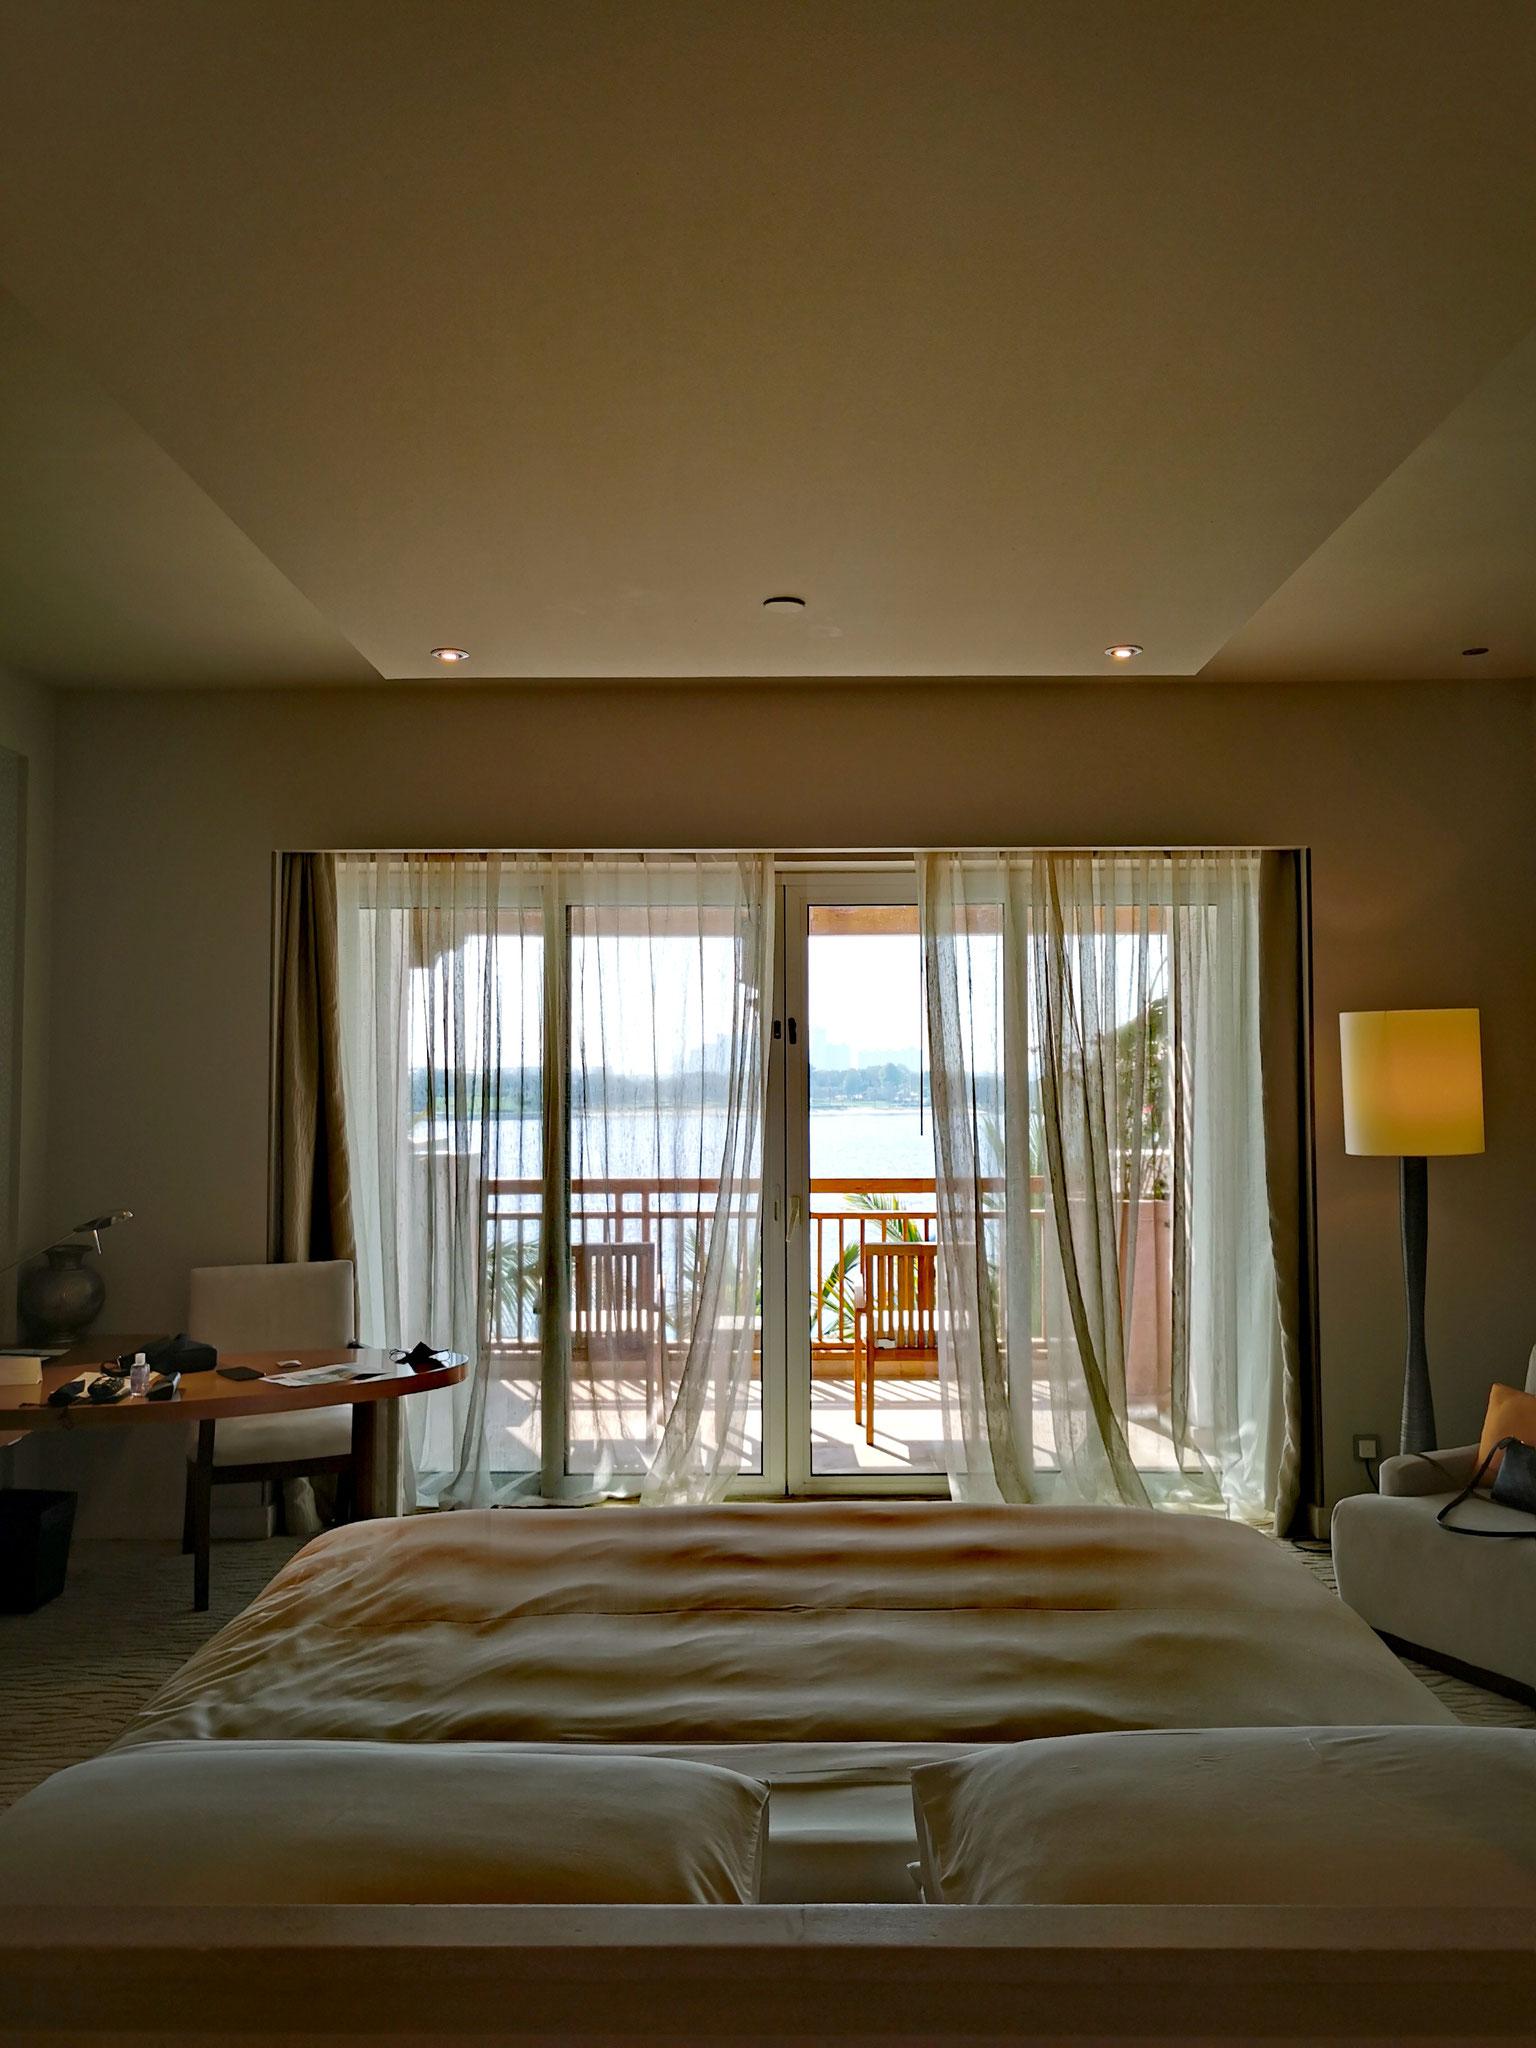 Doppelzimmer mit Lagunenblick